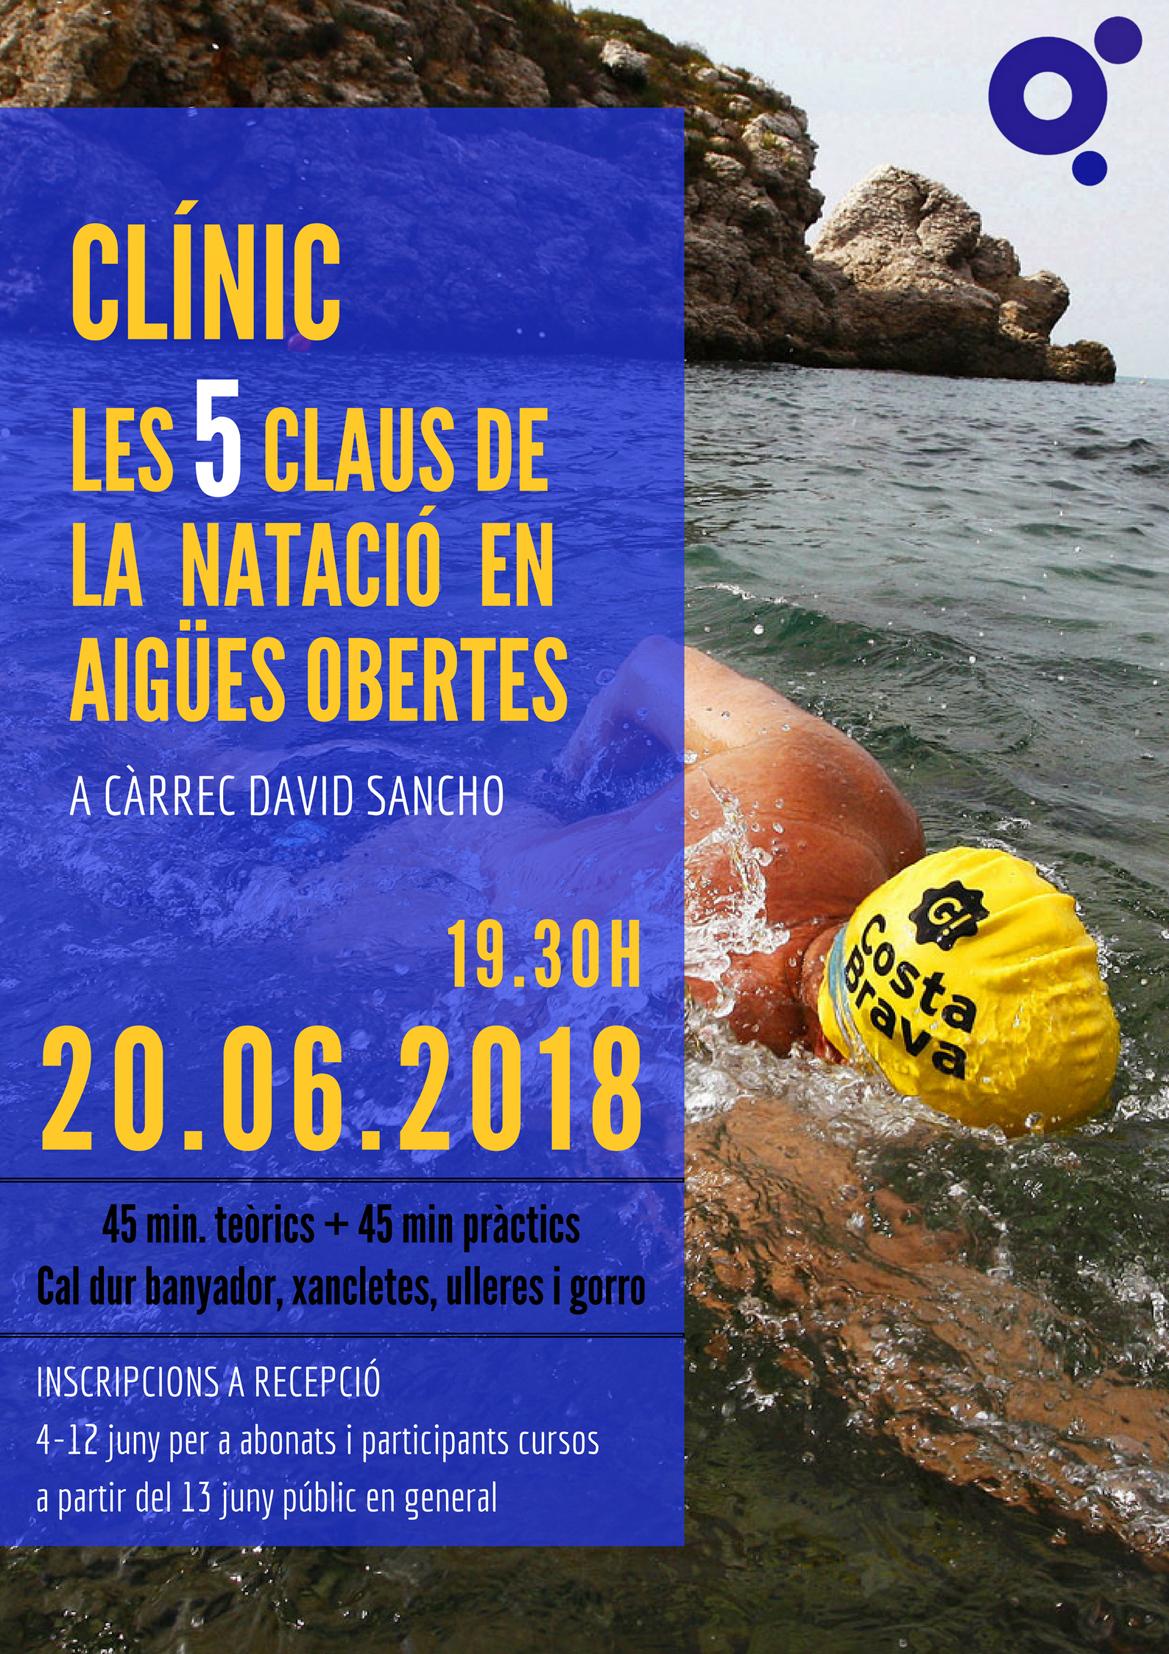 La Piscina Municipal de Roses ofereix el proper 20 de juny un clínic sobre natació en aigües obertes